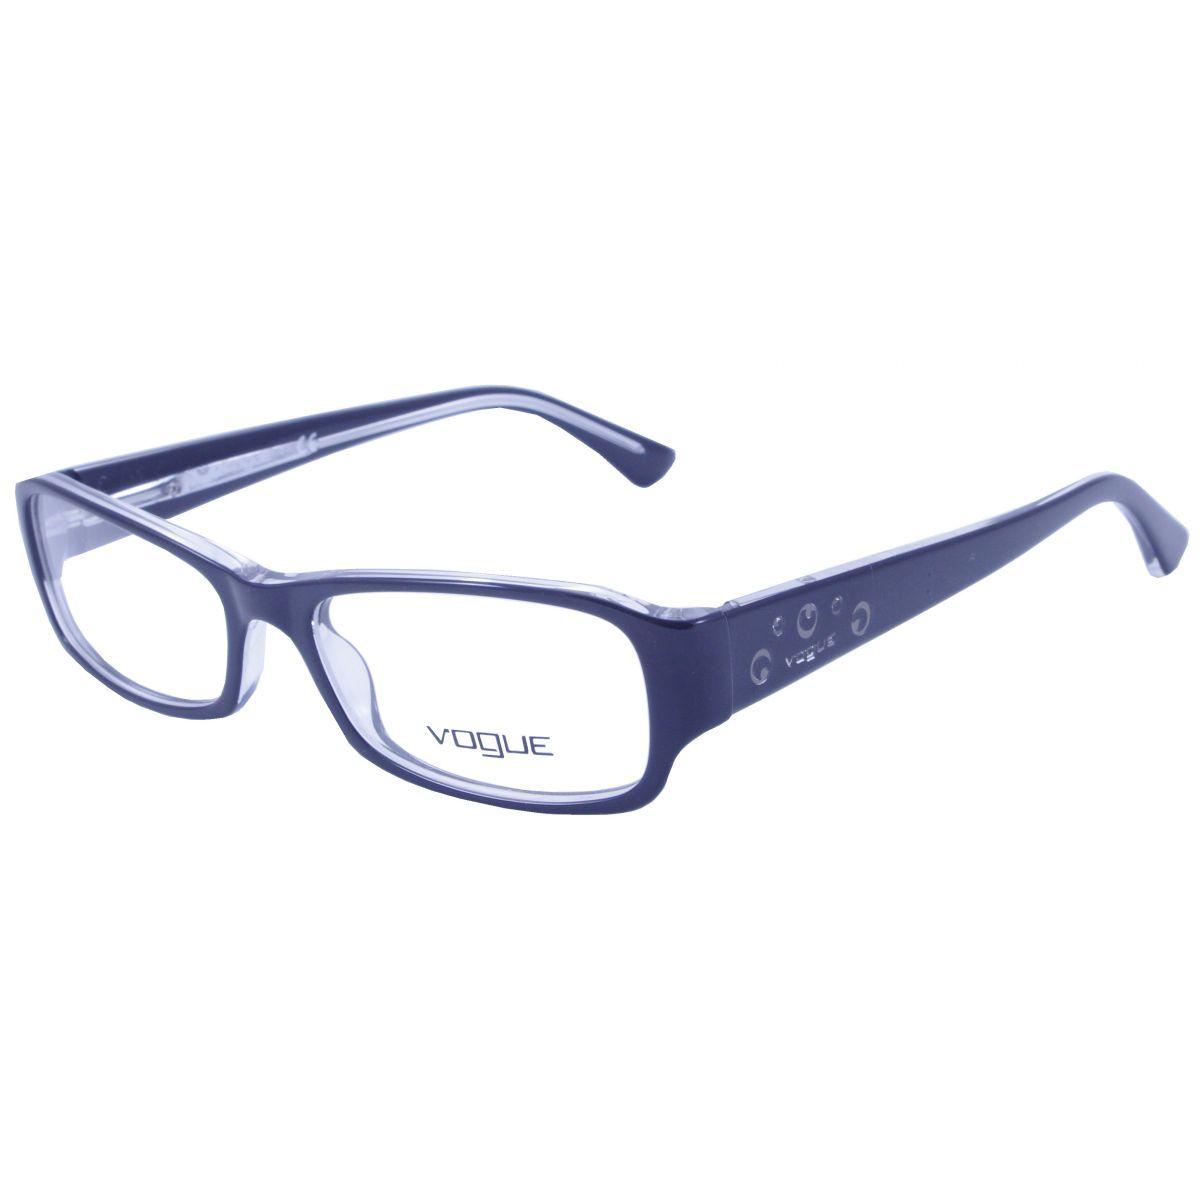 23f2fdb6b7fe3 Óculos De Grau Feminino Vogue VO2758 827 Tam.52